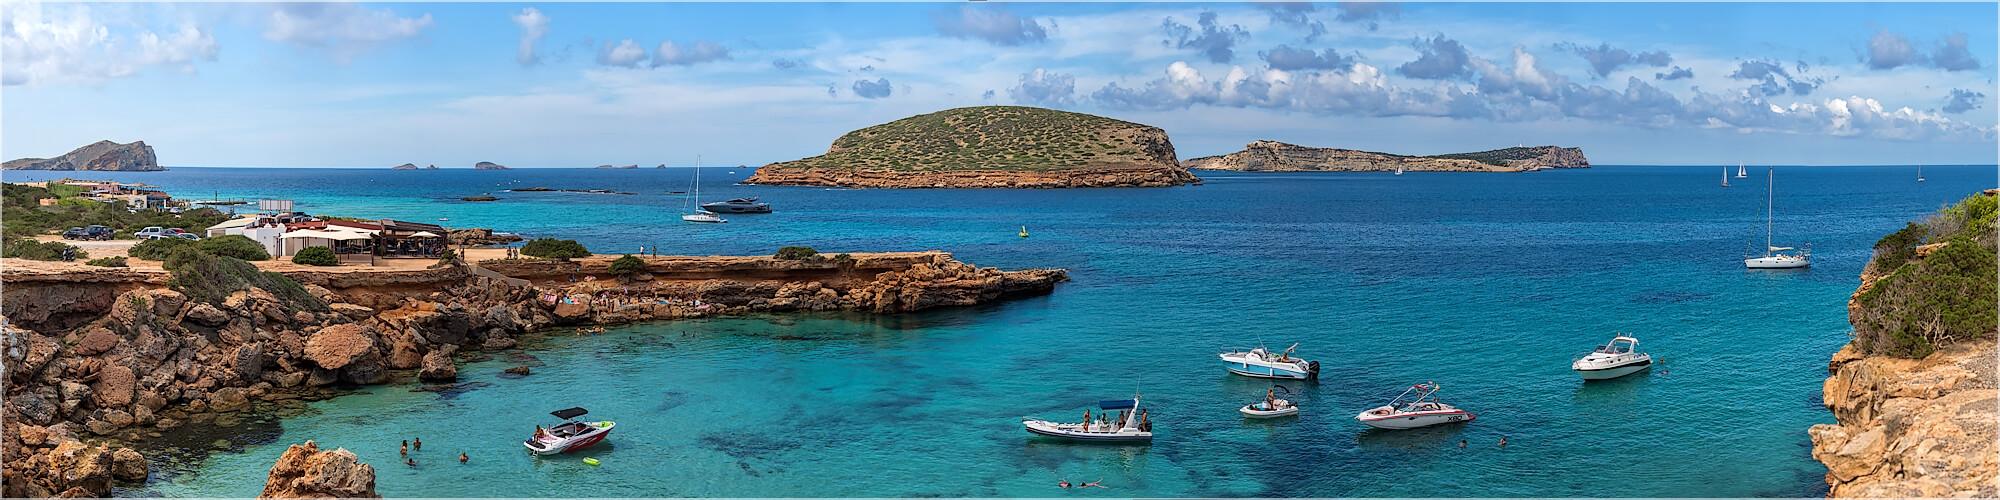 Panoramabild Ibiza an der Playa Comte